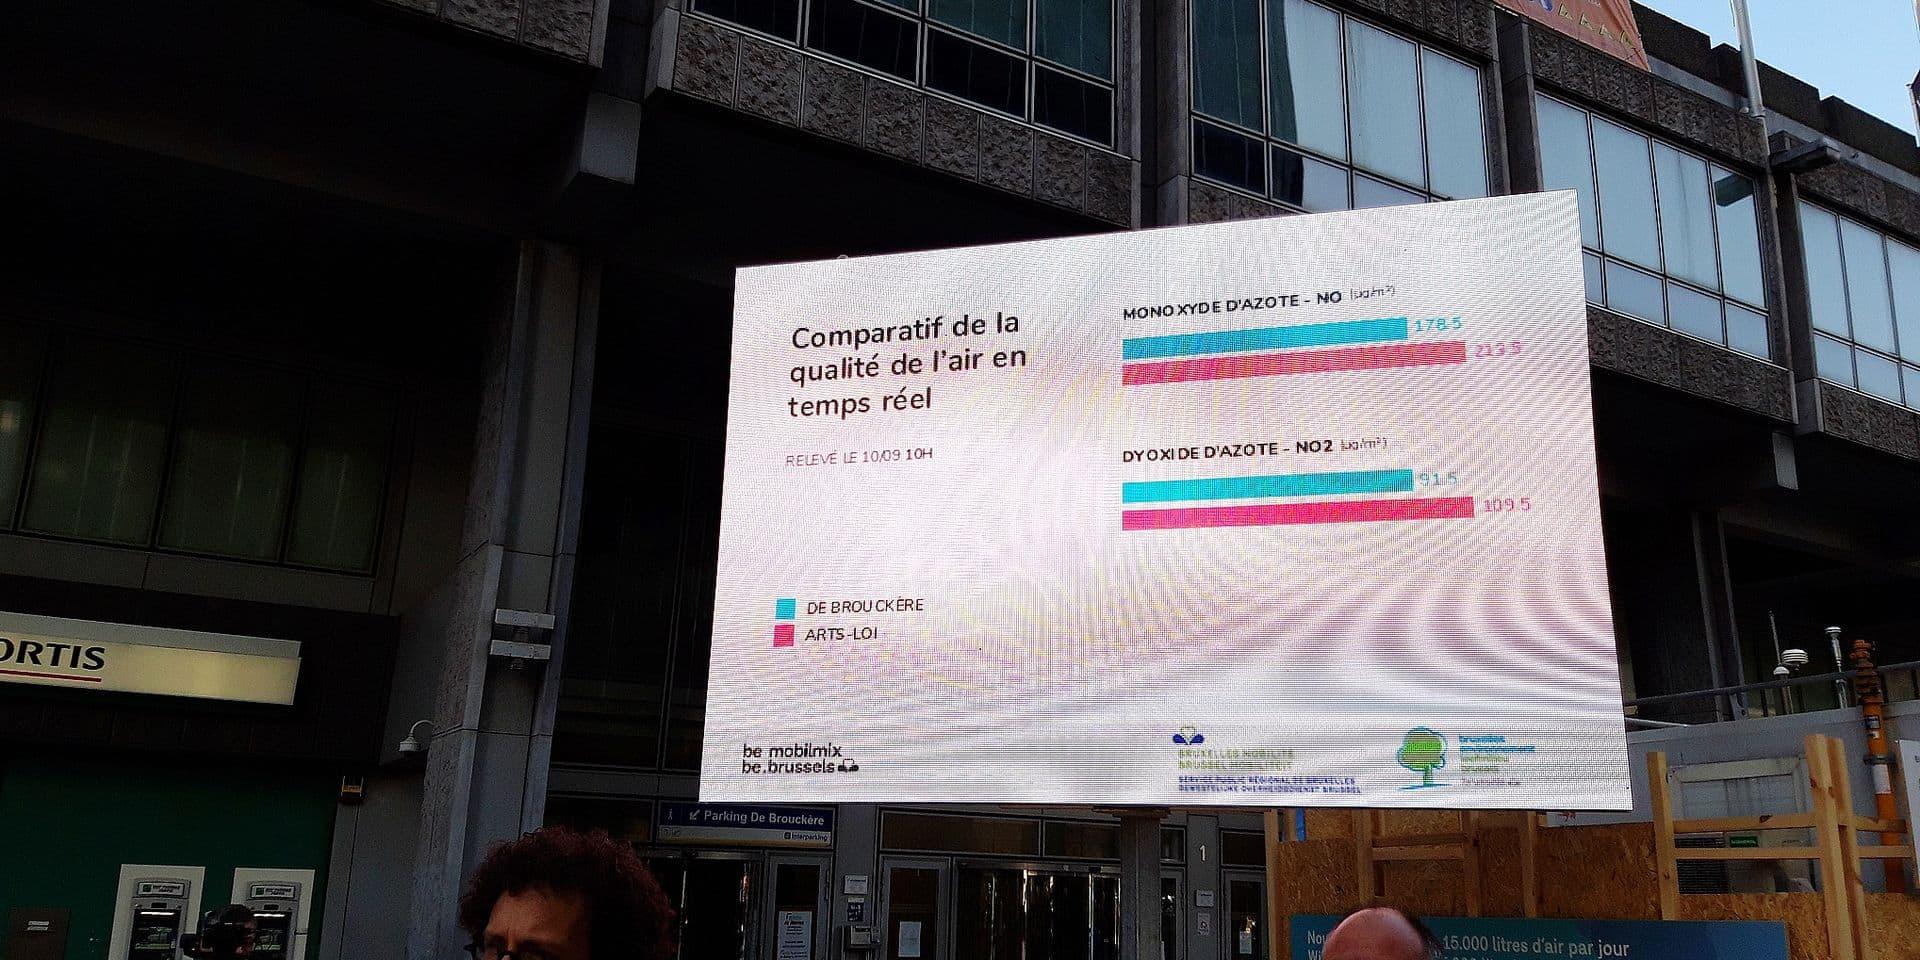 """Picture regarding the Belga article """"Une semaine de la mobilite axee sur la qualite de l'air a Bruxelles"""", distributed today, in BRUSSELS. BEST QUALITY AVAILABLE - BELGA PHOTO BENOIT TOUSSAINT"""